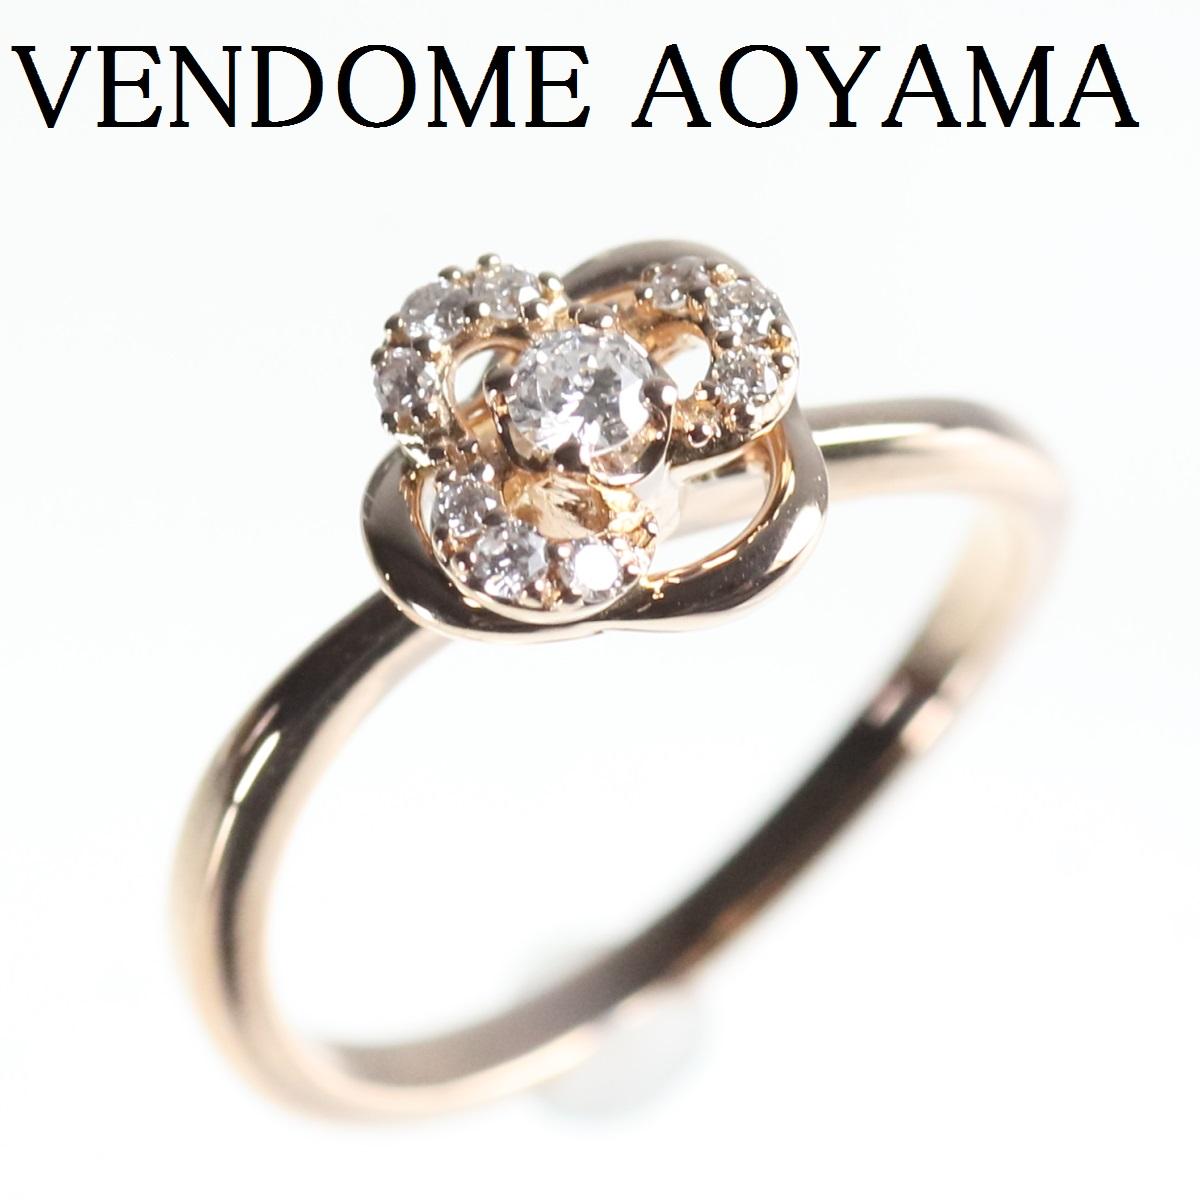 ヴァンドーム青山 クリスティーヌリング ダイヤ PG 2.2g VENDOME AOYAMA 新品仕上げ済【中古】